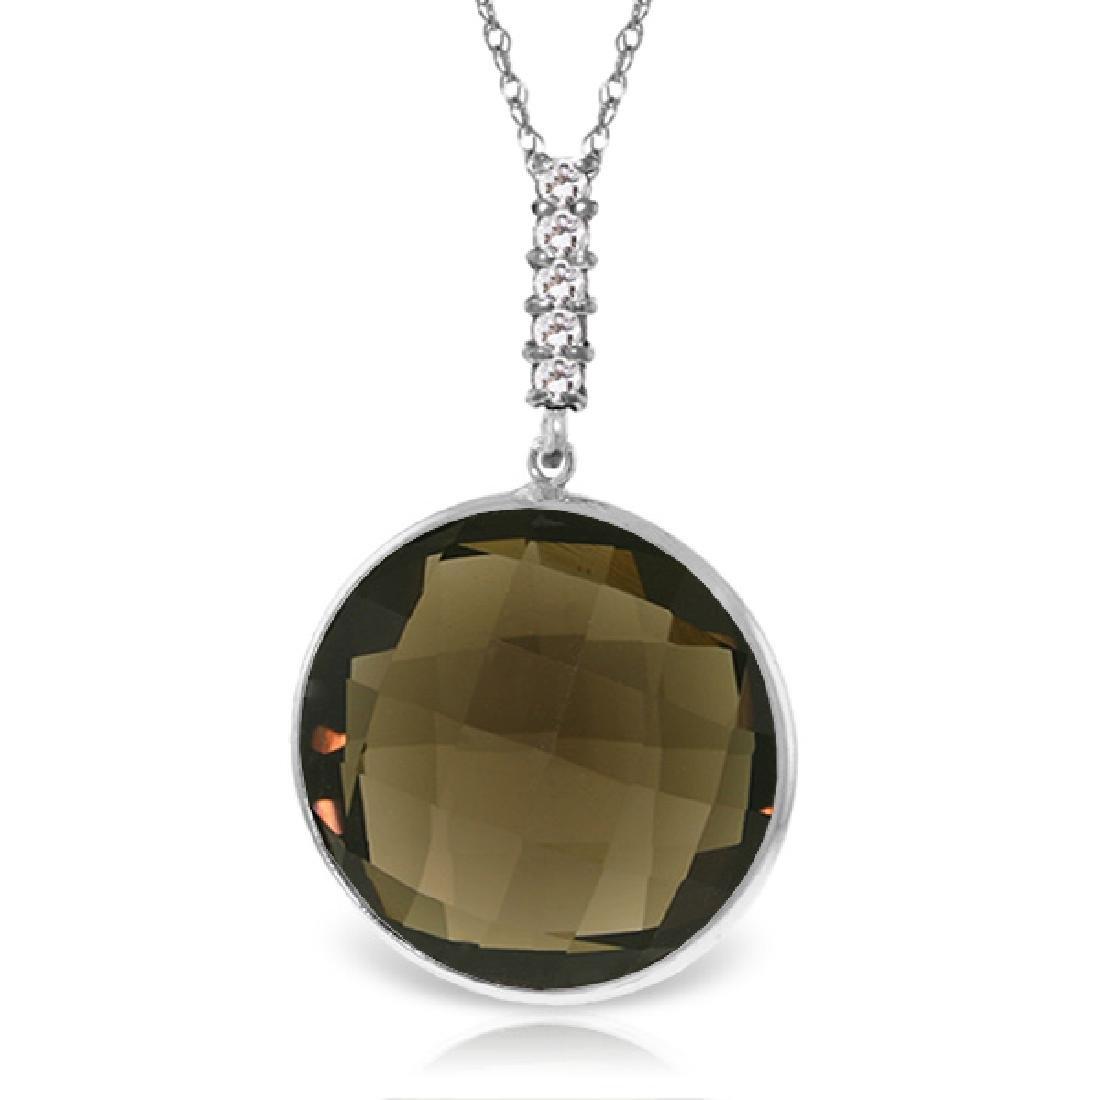 Genuine 17.08 ctw Smoky Quartz & Diamond Necklace